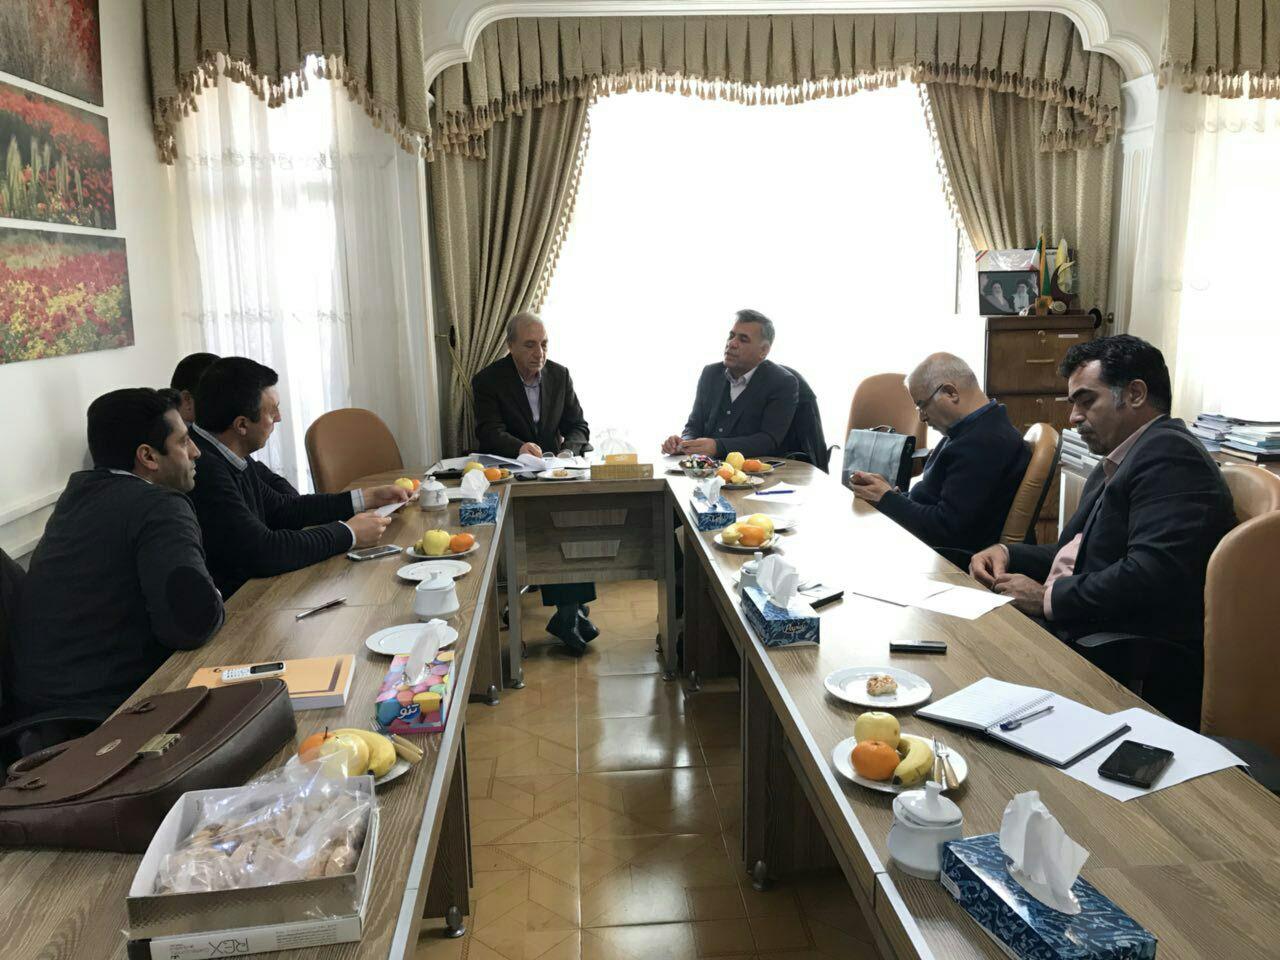 مشکلات سازمان نظام مهندسی معدن آذربایجان شرقی/ جذب نقدینگی و سرمایهگذاران به بخش معدن